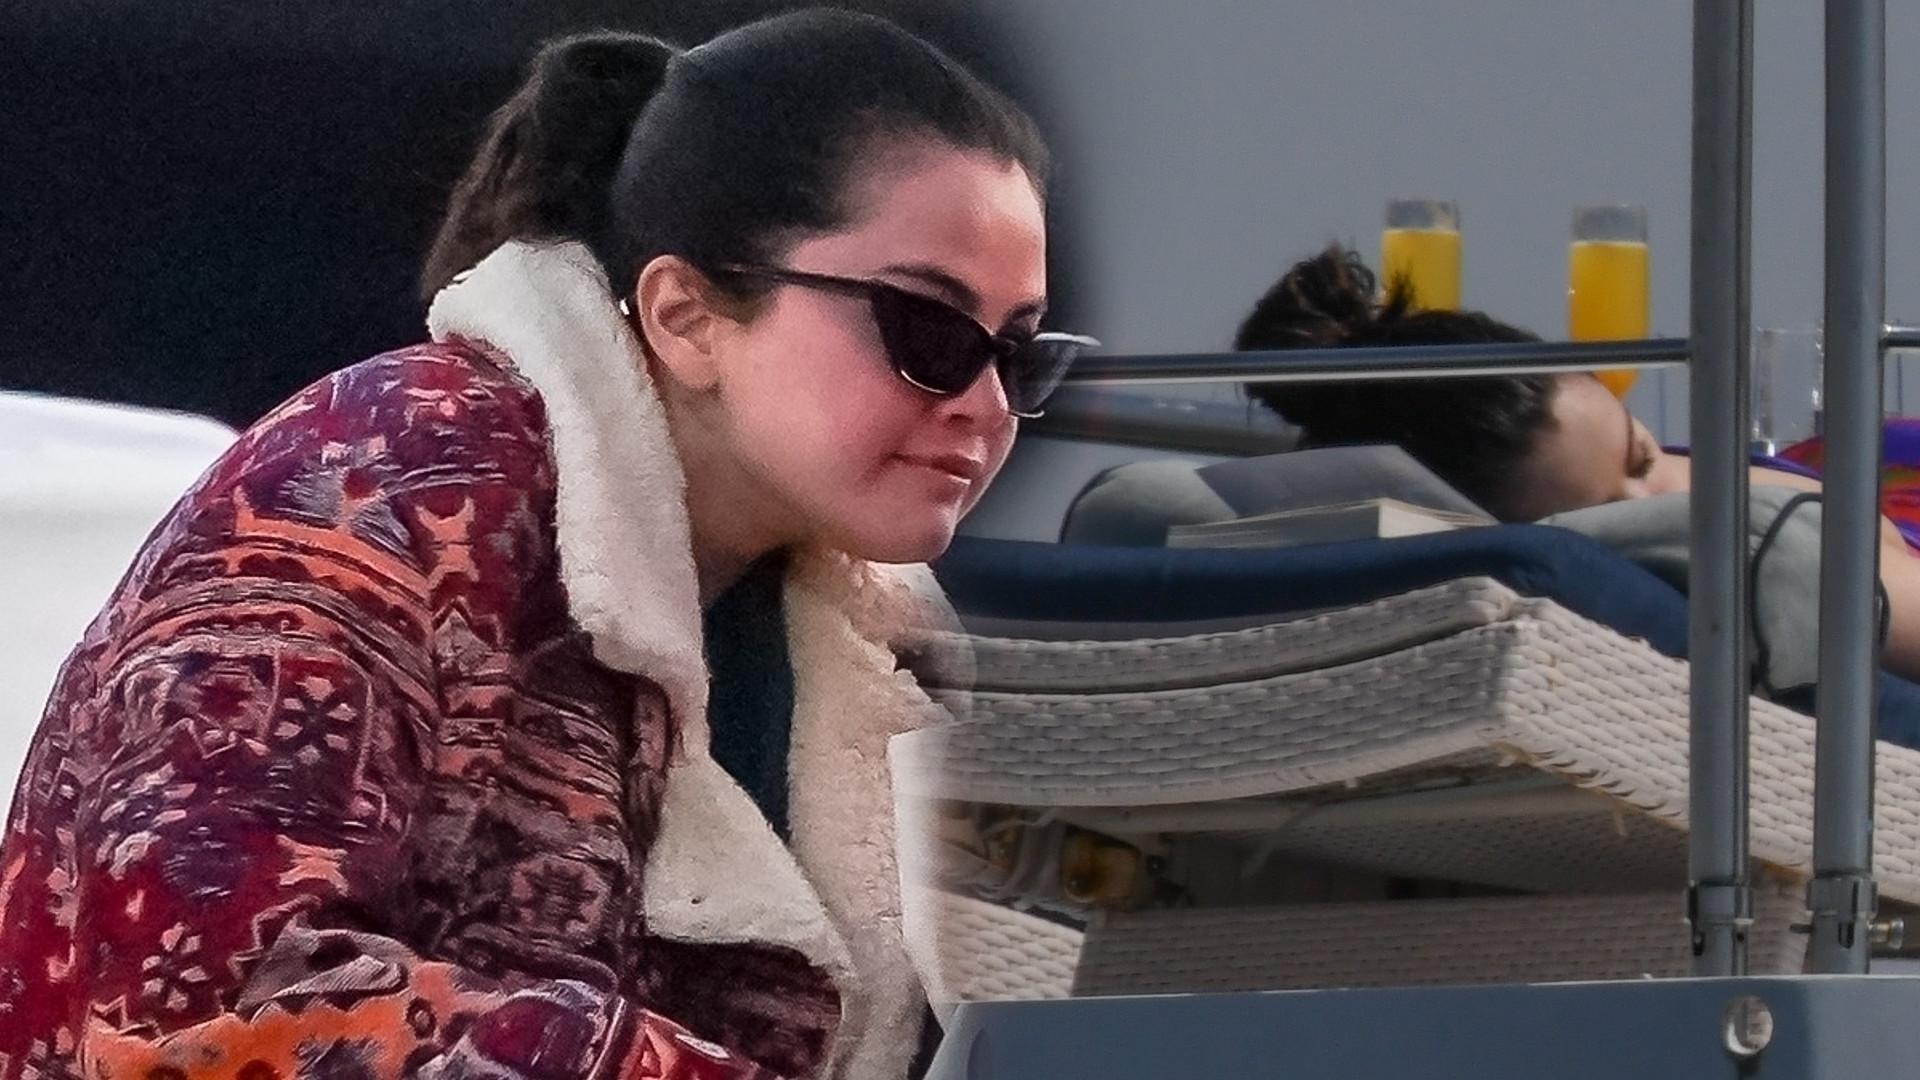 Selena Gomez opala się na jachcie. Spędza czas ze znajomymi i włoskim producentem (ZDJĘCIA)